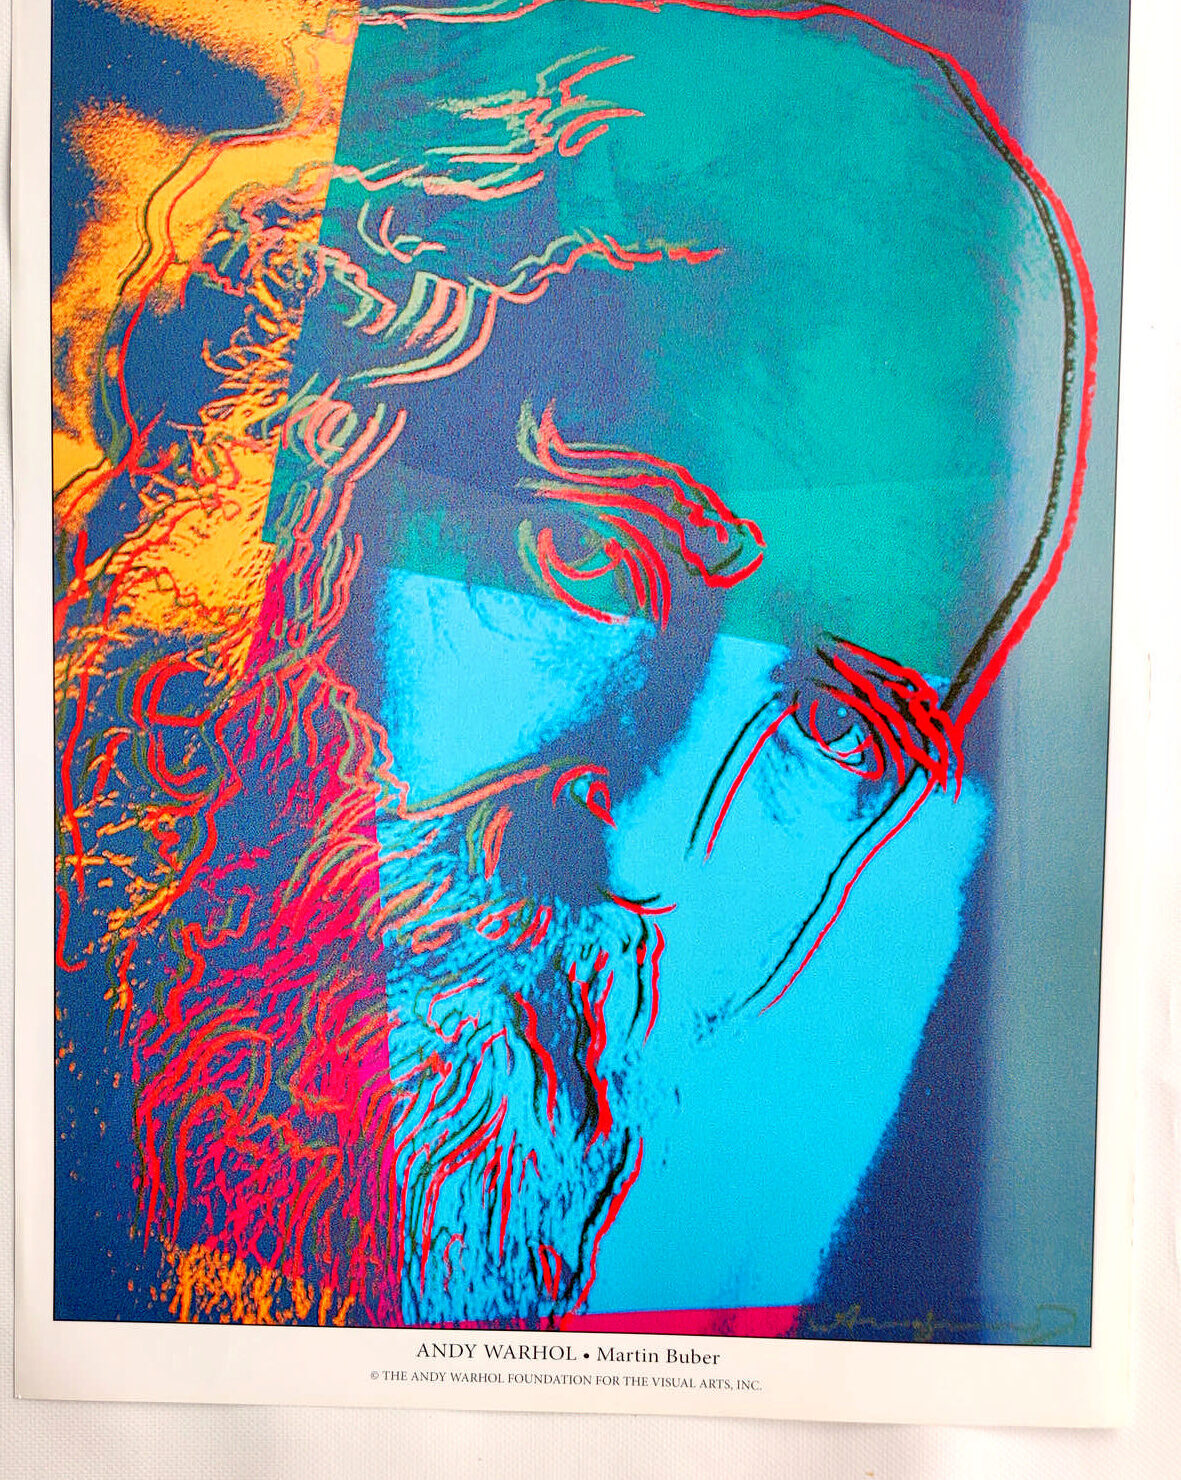 Andy Warhol - Martin Buber - (c) the Andy Warhol Foundation for The Visual Arts, Inc., Kunstposter mit Spnede für gemeinnütziges Engagement, mit freundlicher Genehmigung der AKIM e.V.